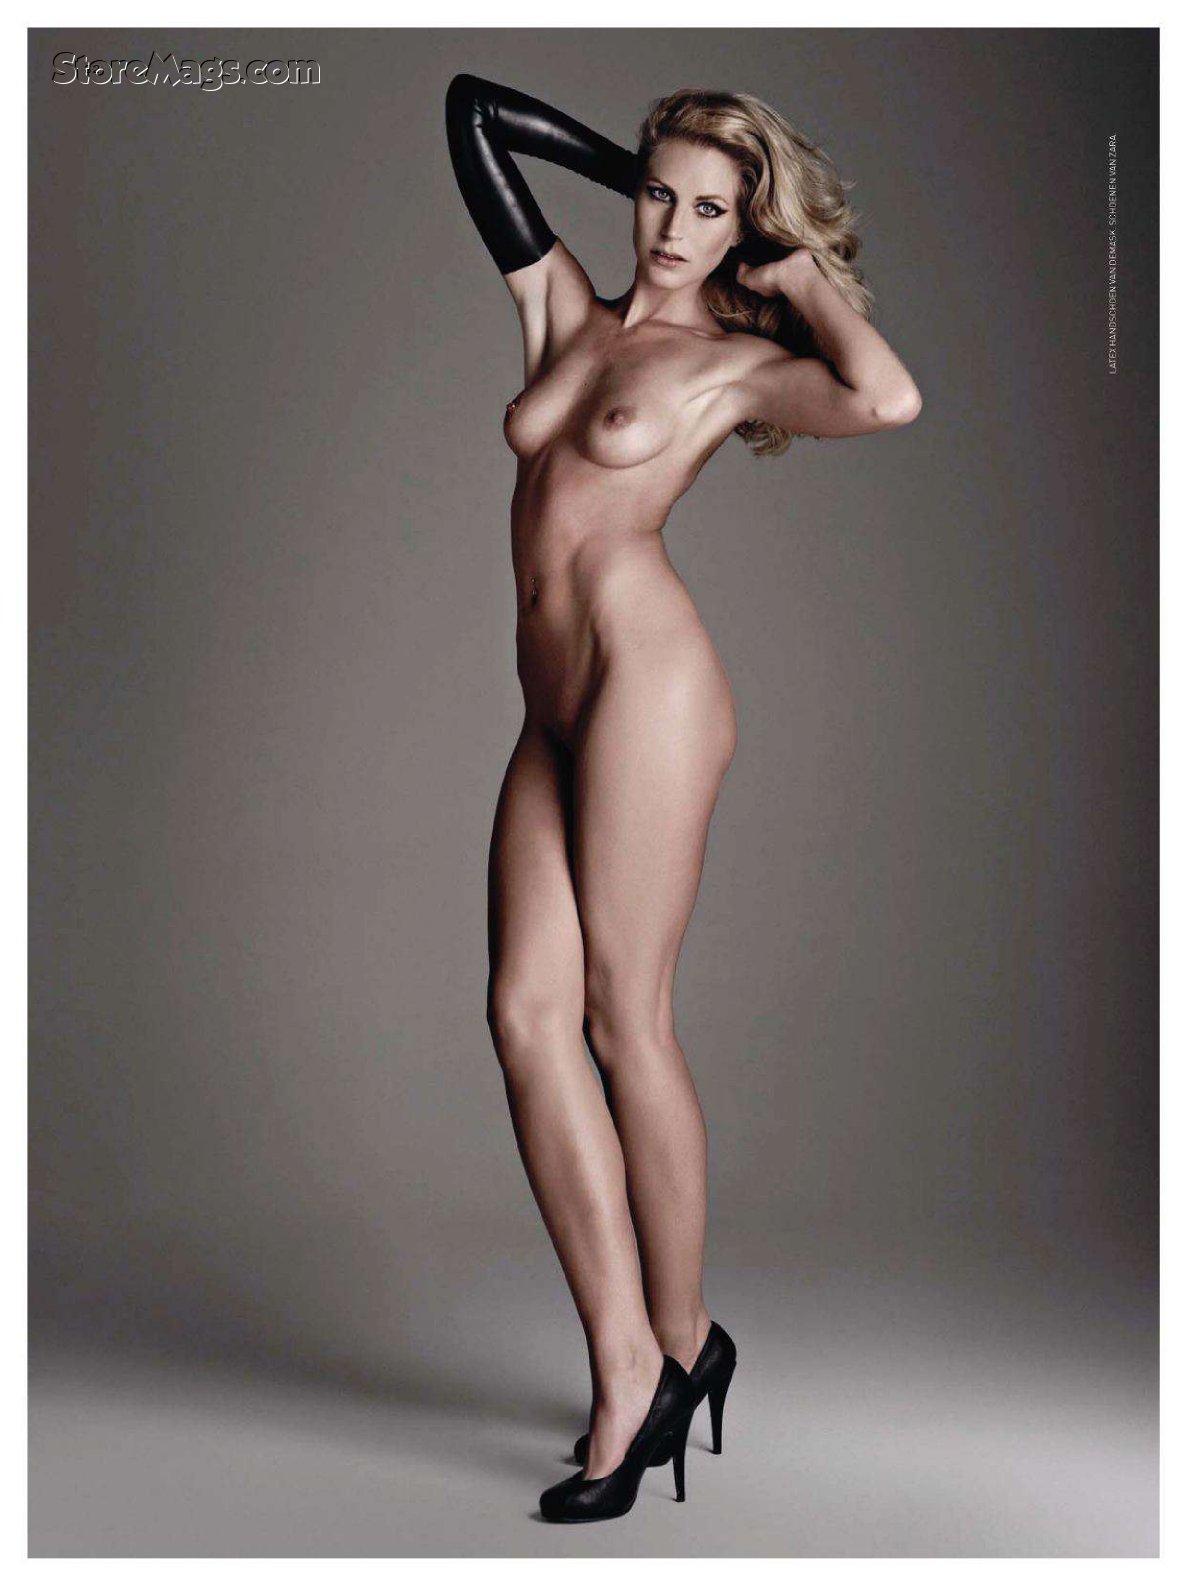 Irene hoek nude